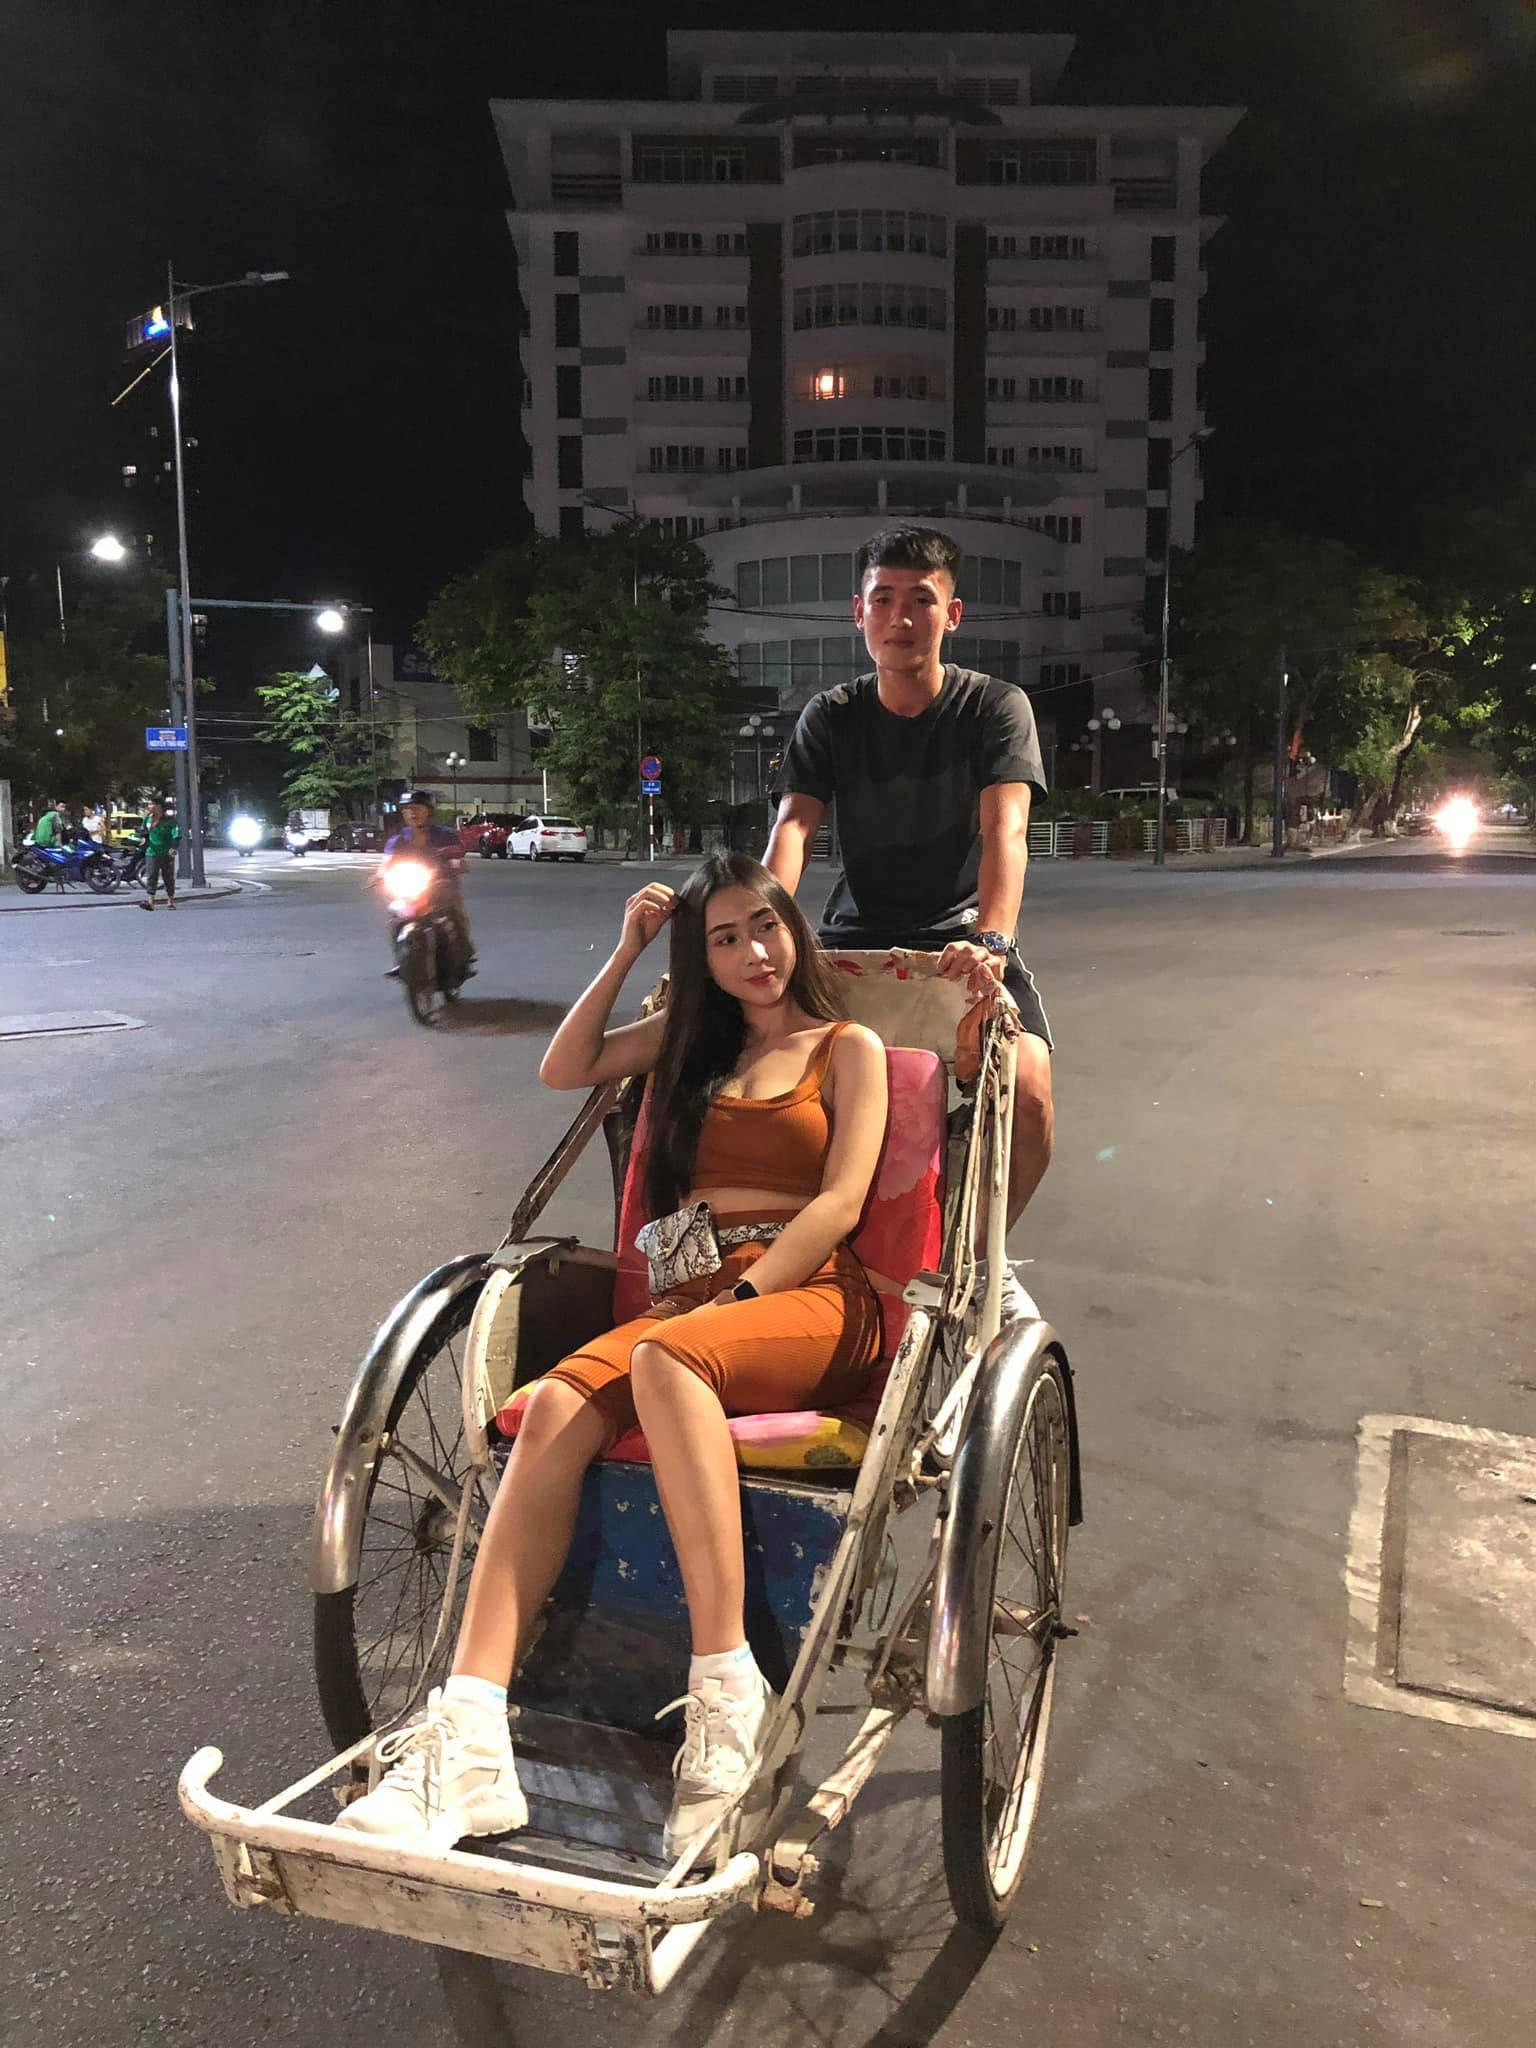 Cô gái có body nóng bỏng được cho là bạn gái của tuyển thủ Việt Nam Huỳnh Tấn Sinh là ai? - Ảnh 1.